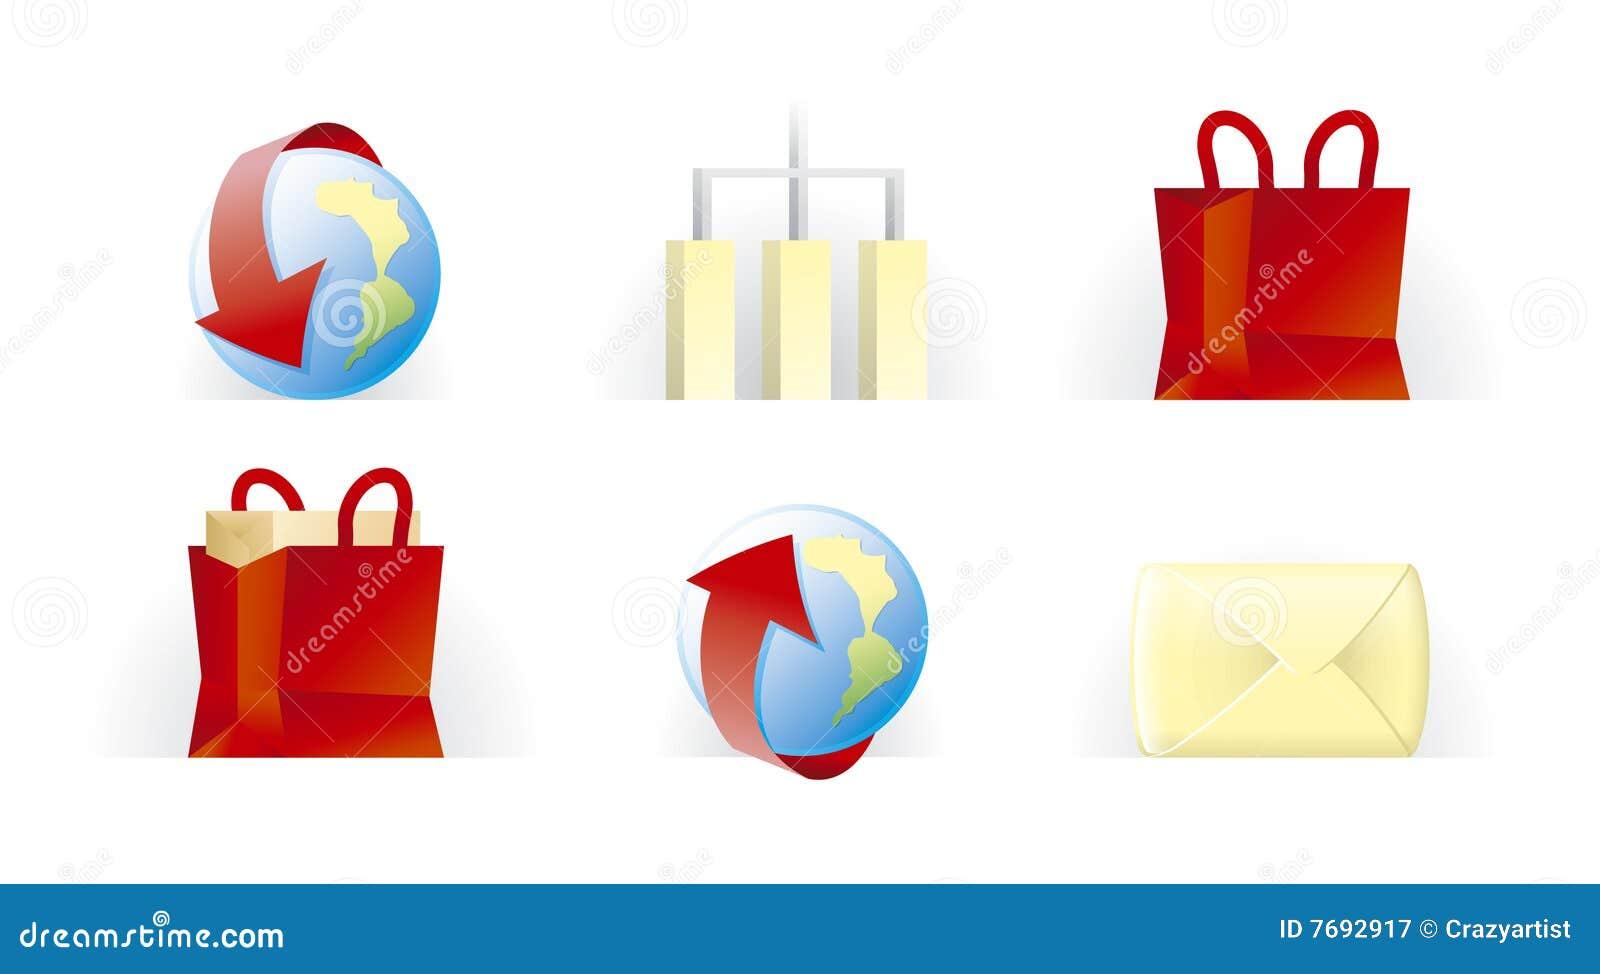 Ícones do Web site e do Internet | T.U.P.O. Cor